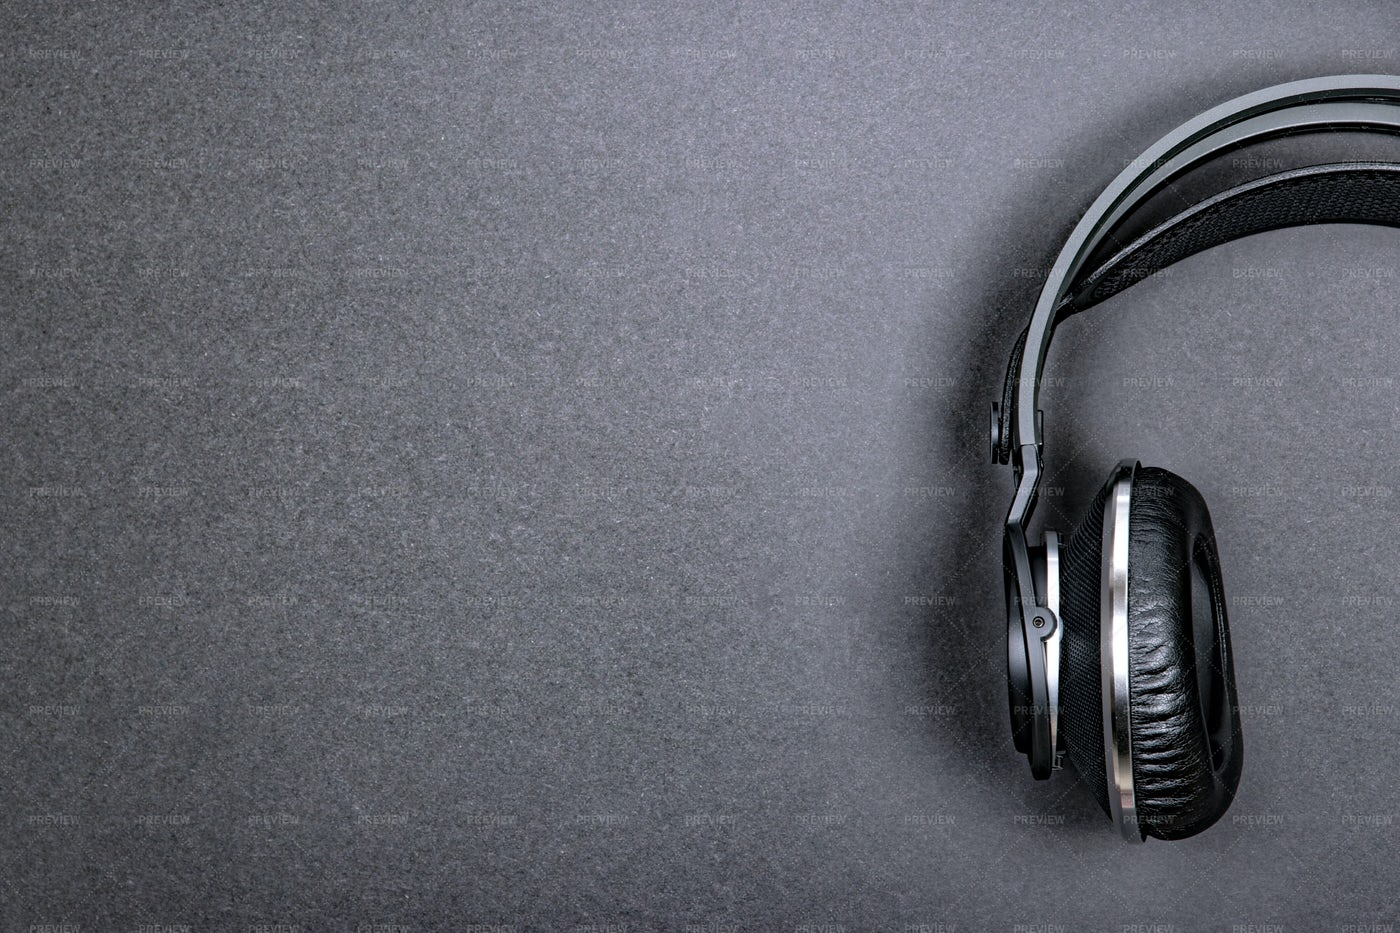 Professional Headphones: Stock Photos